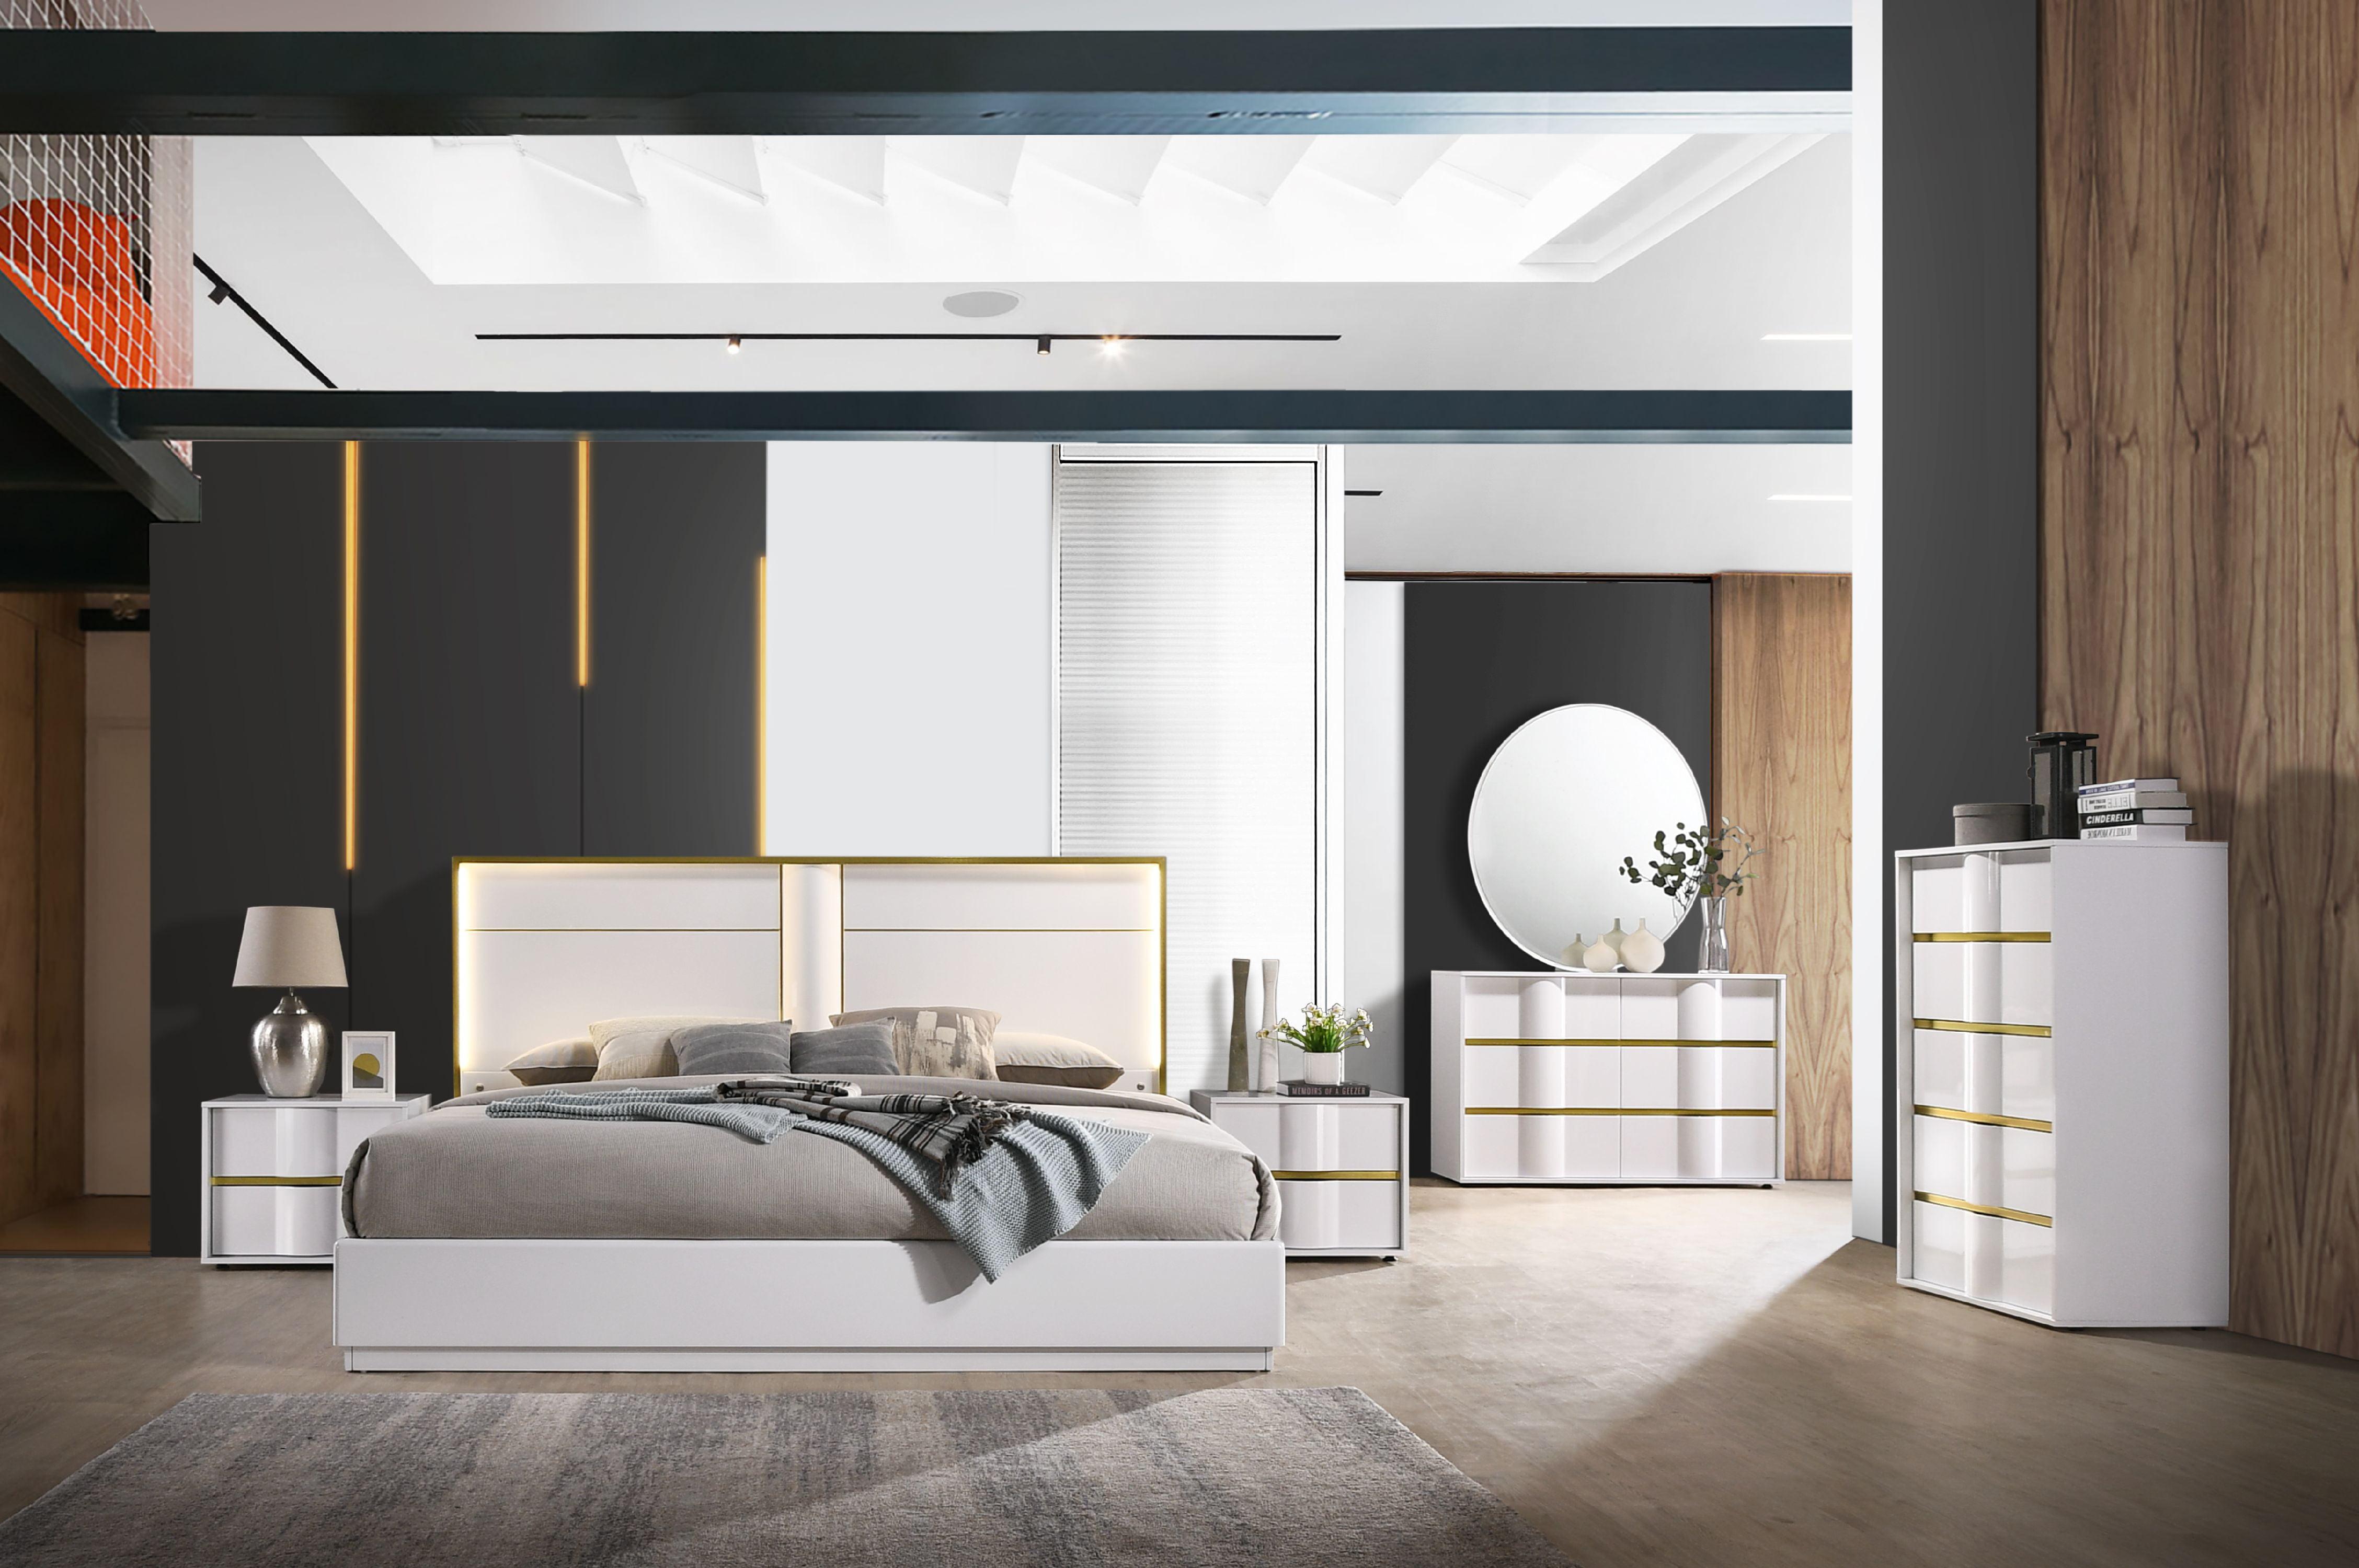 best master furniture havana 5 pcs cal king bedroom set